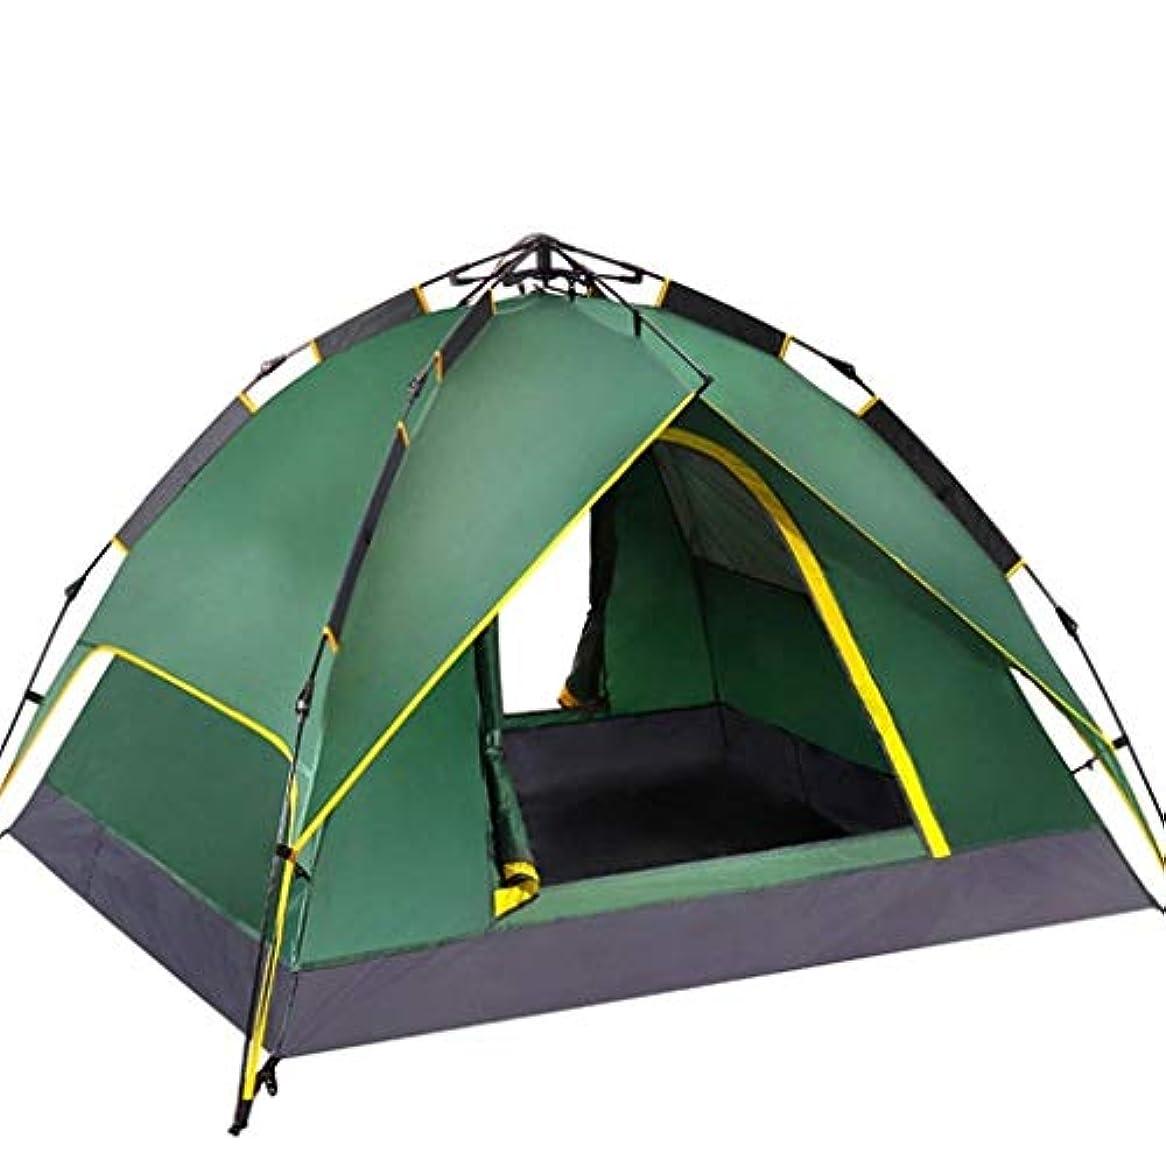 モンキー致死関数ドームのテントのキャンプテントをセットアップすること容易な自動防水おおいのテント3-4人 (Color : Green)